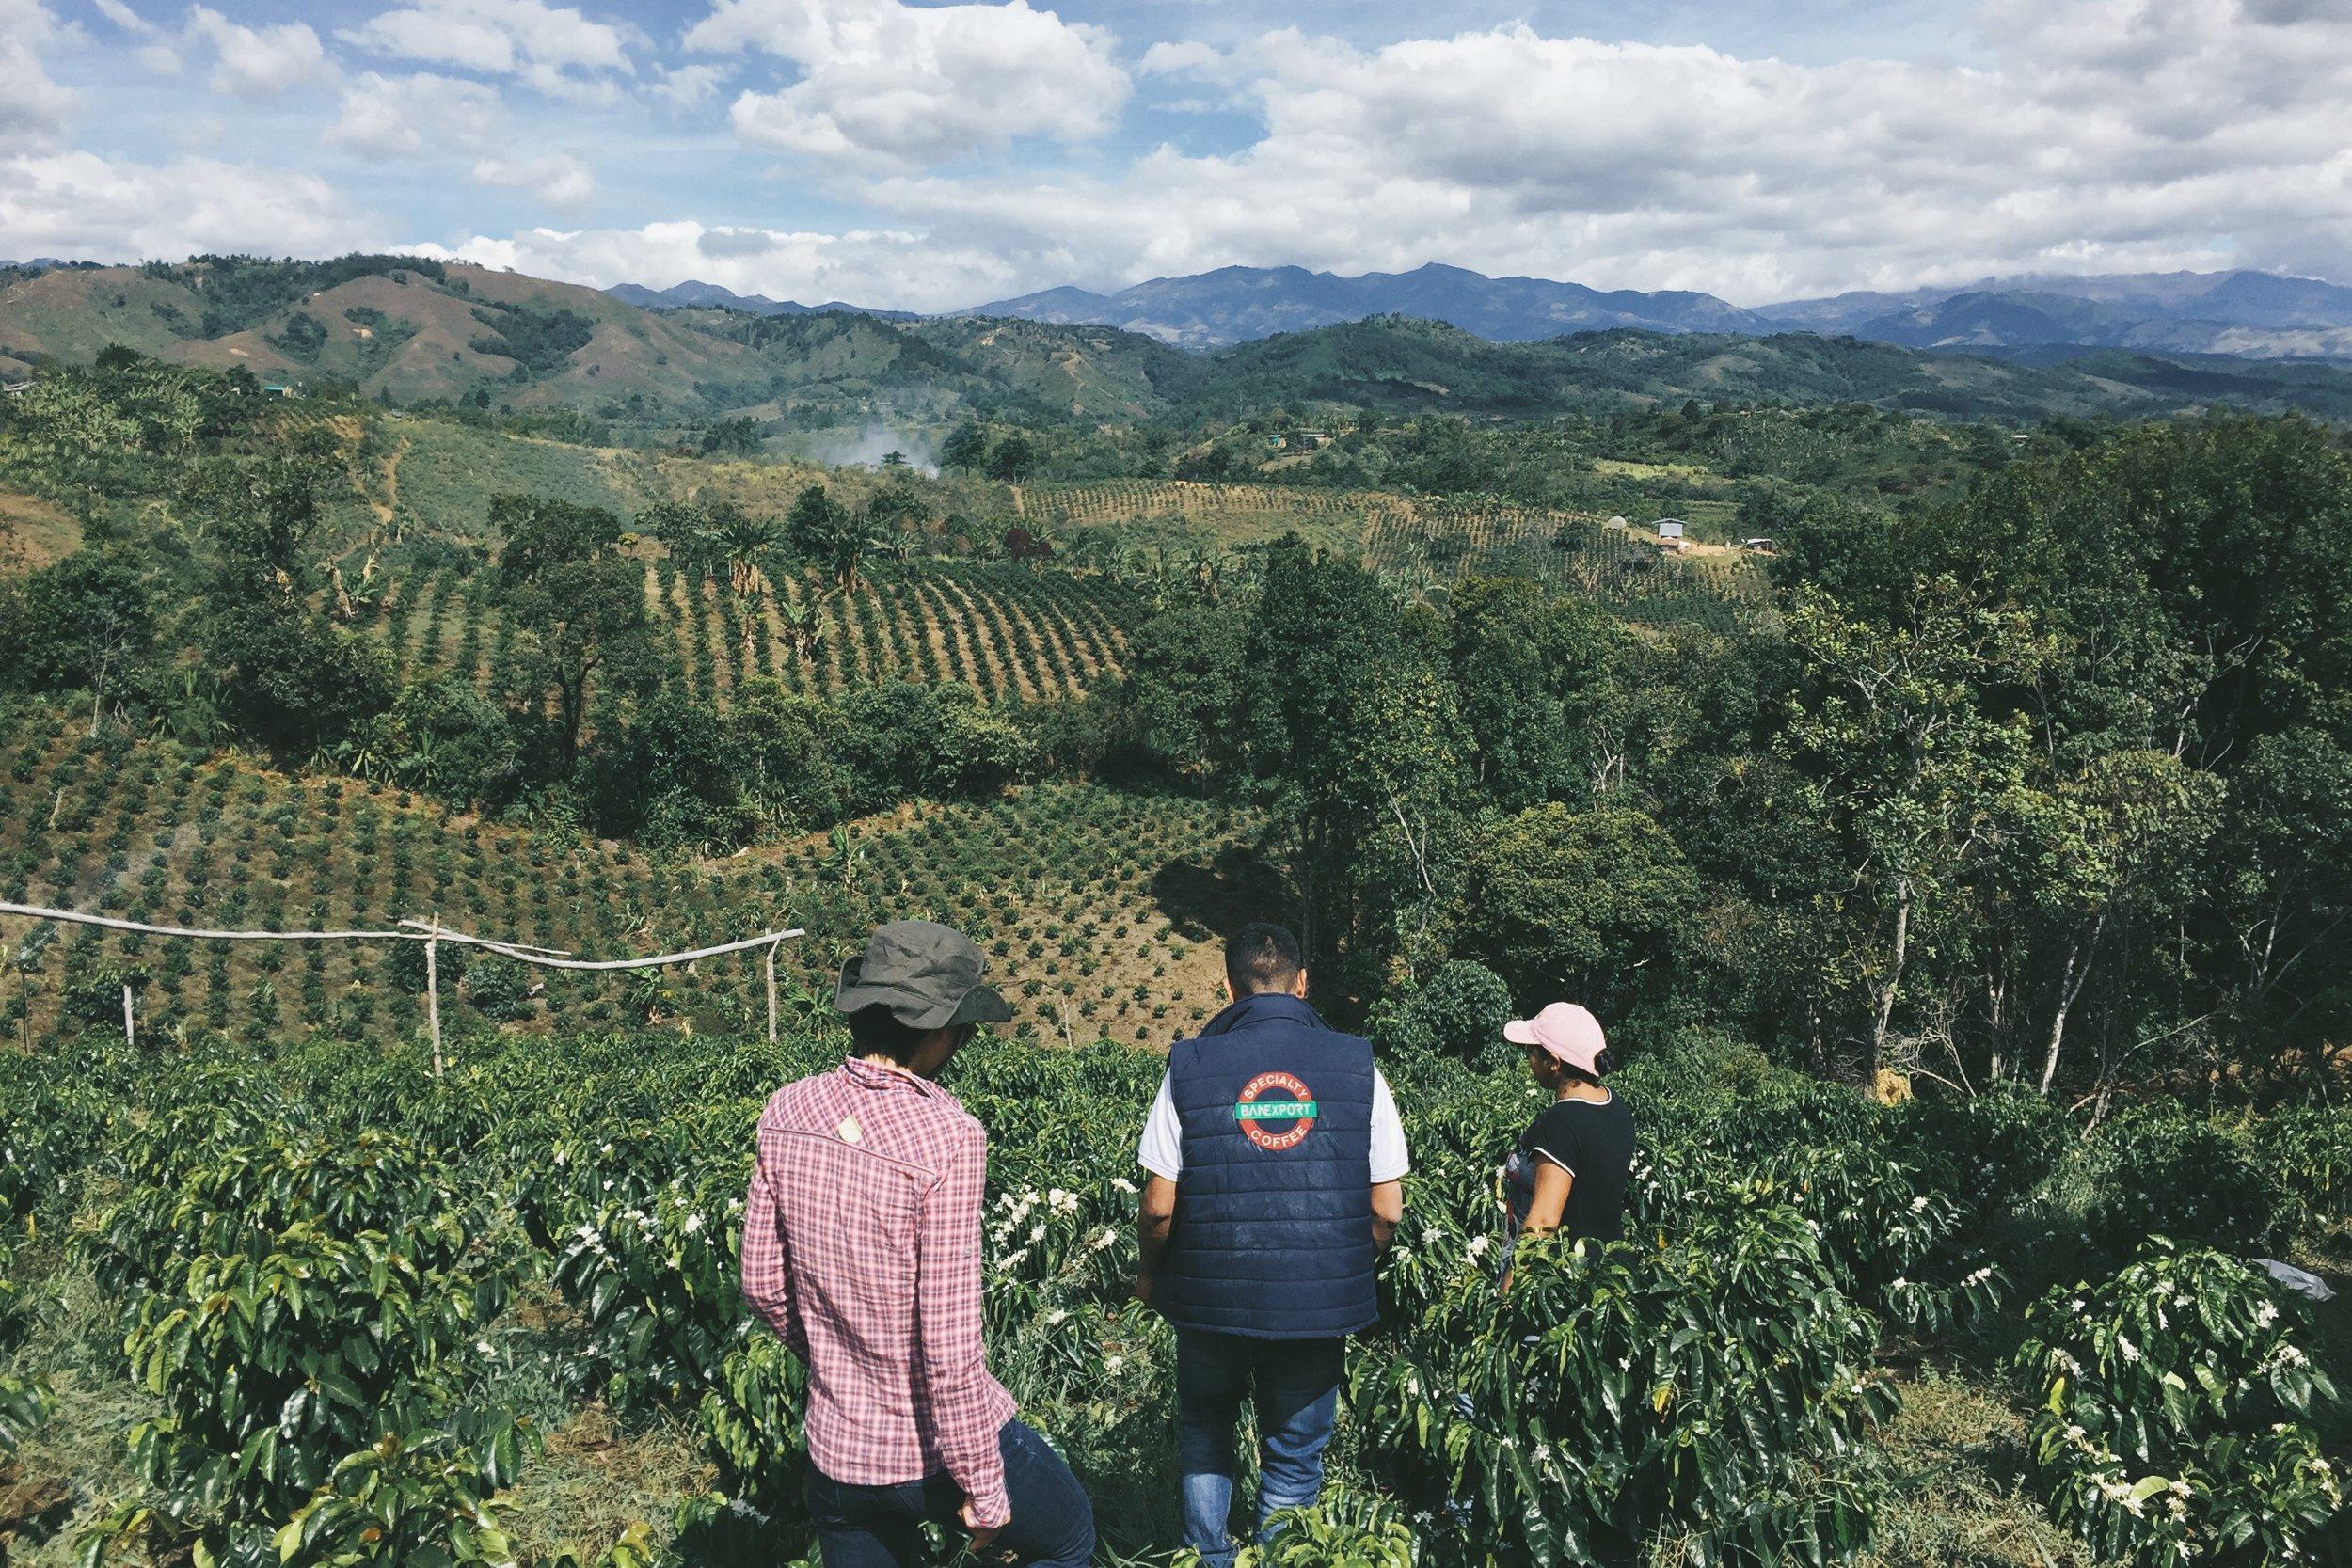 Walking the farm, La Esperanza with Cenaida Flor and Aldemar.